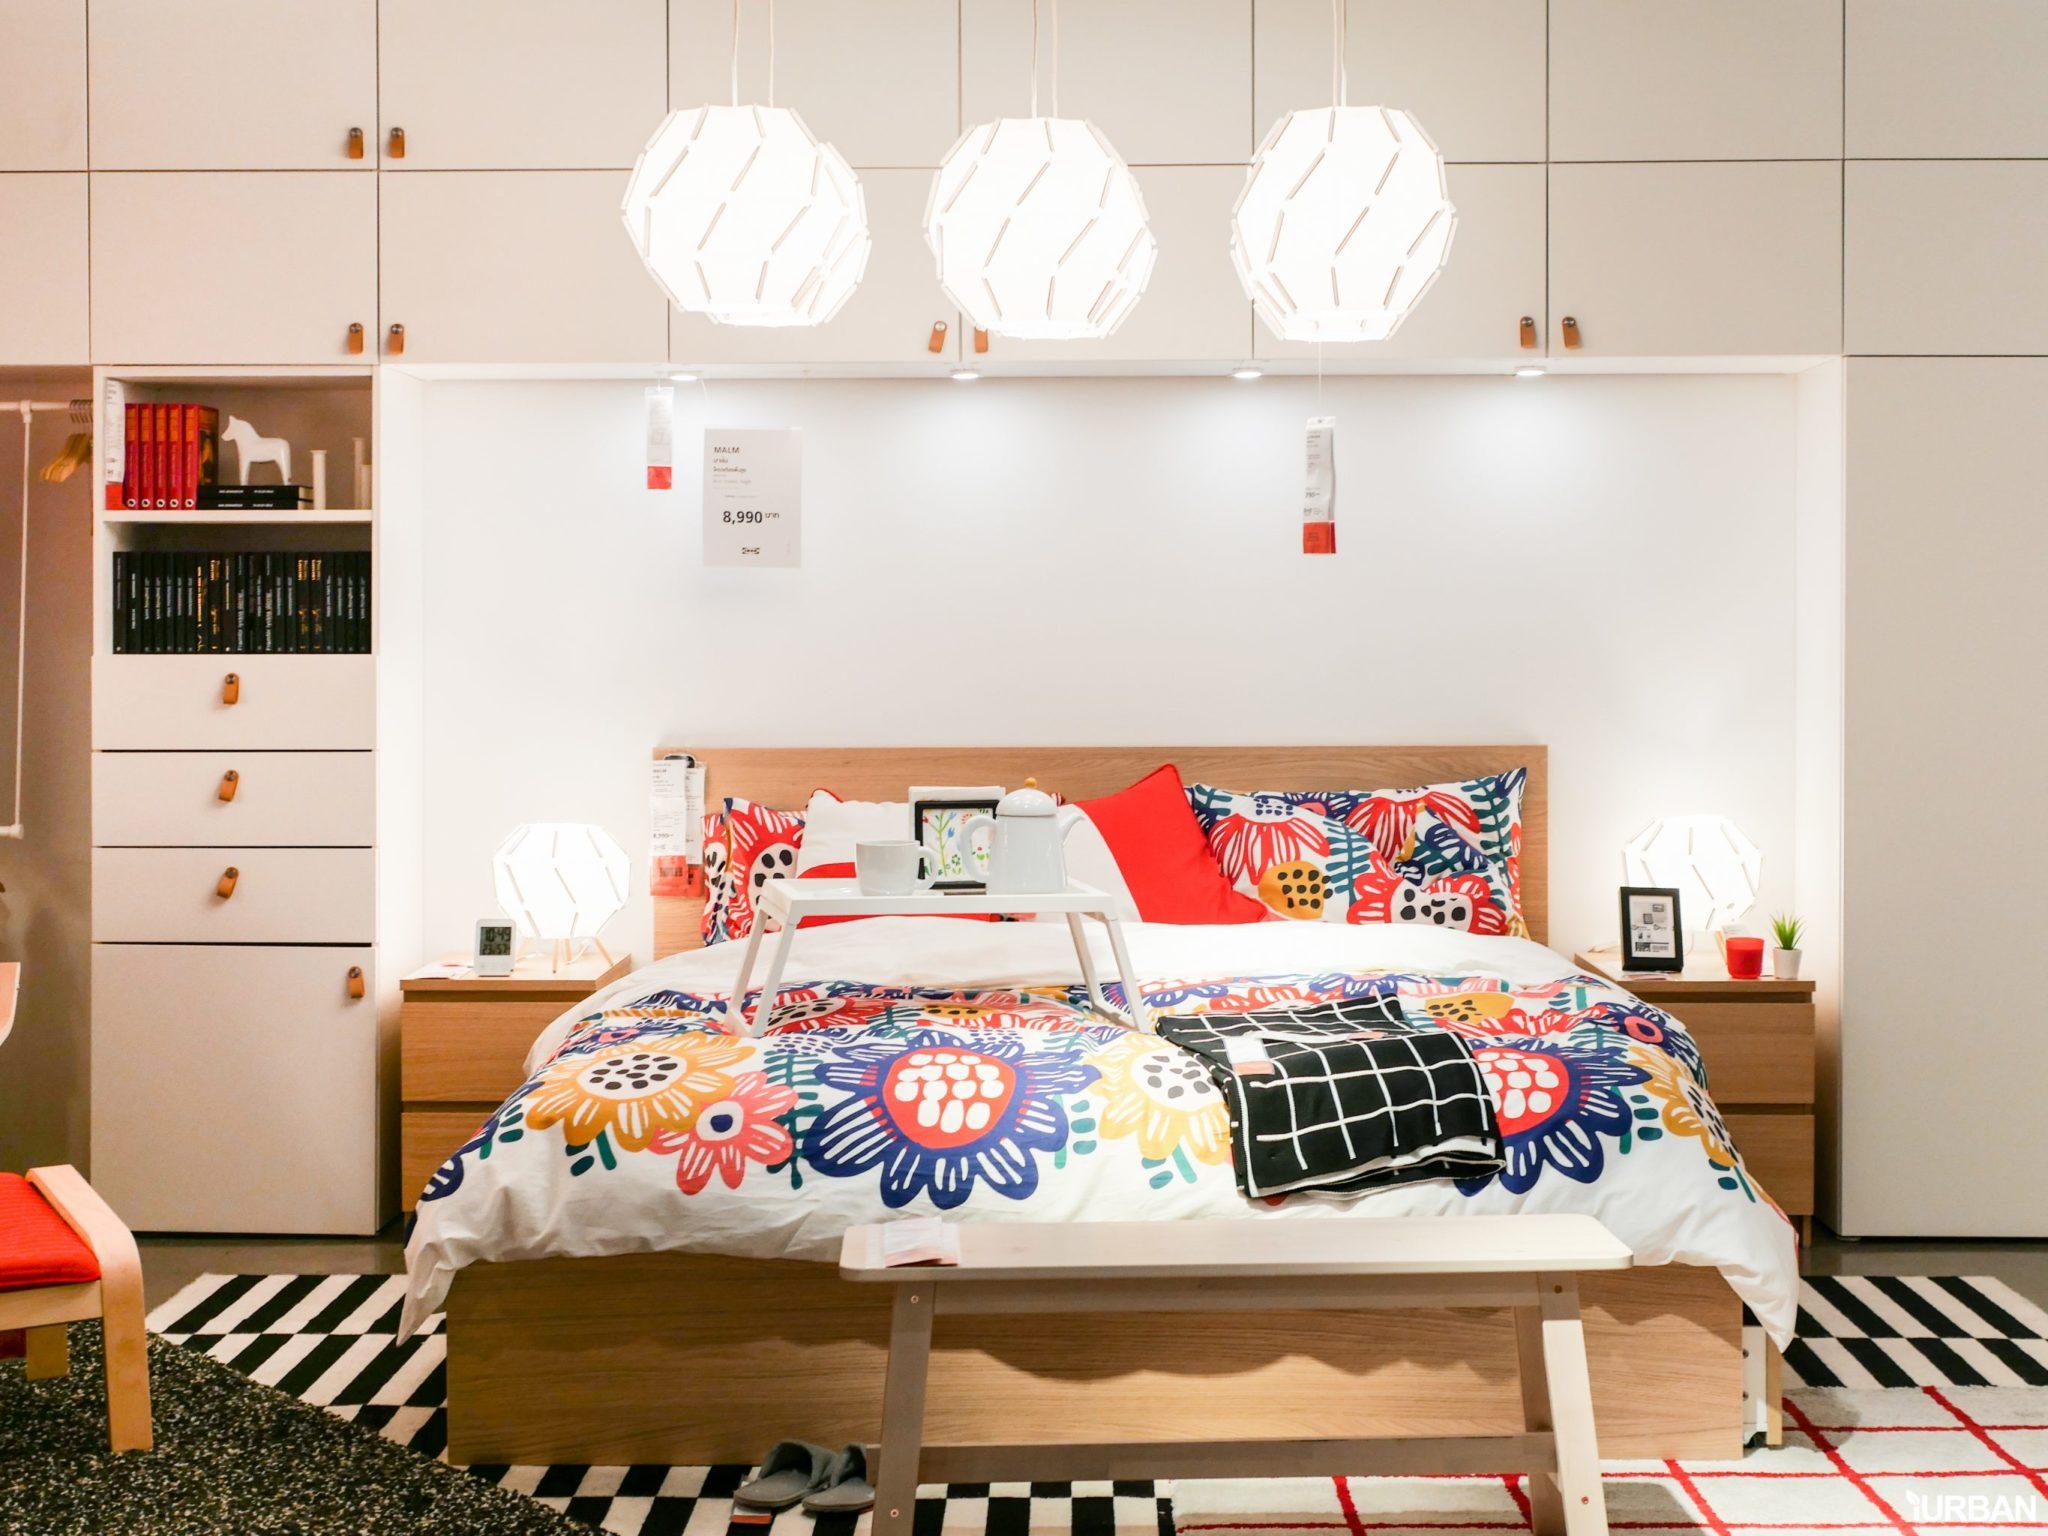 """9 วิธีจัดห้องเก่าให้เหมือนใหม่ ลอกวิธีจัดห้องในพื้นที่เล็ก """"Small Space"""" แบบ IKEA 73 - Bedroom"""